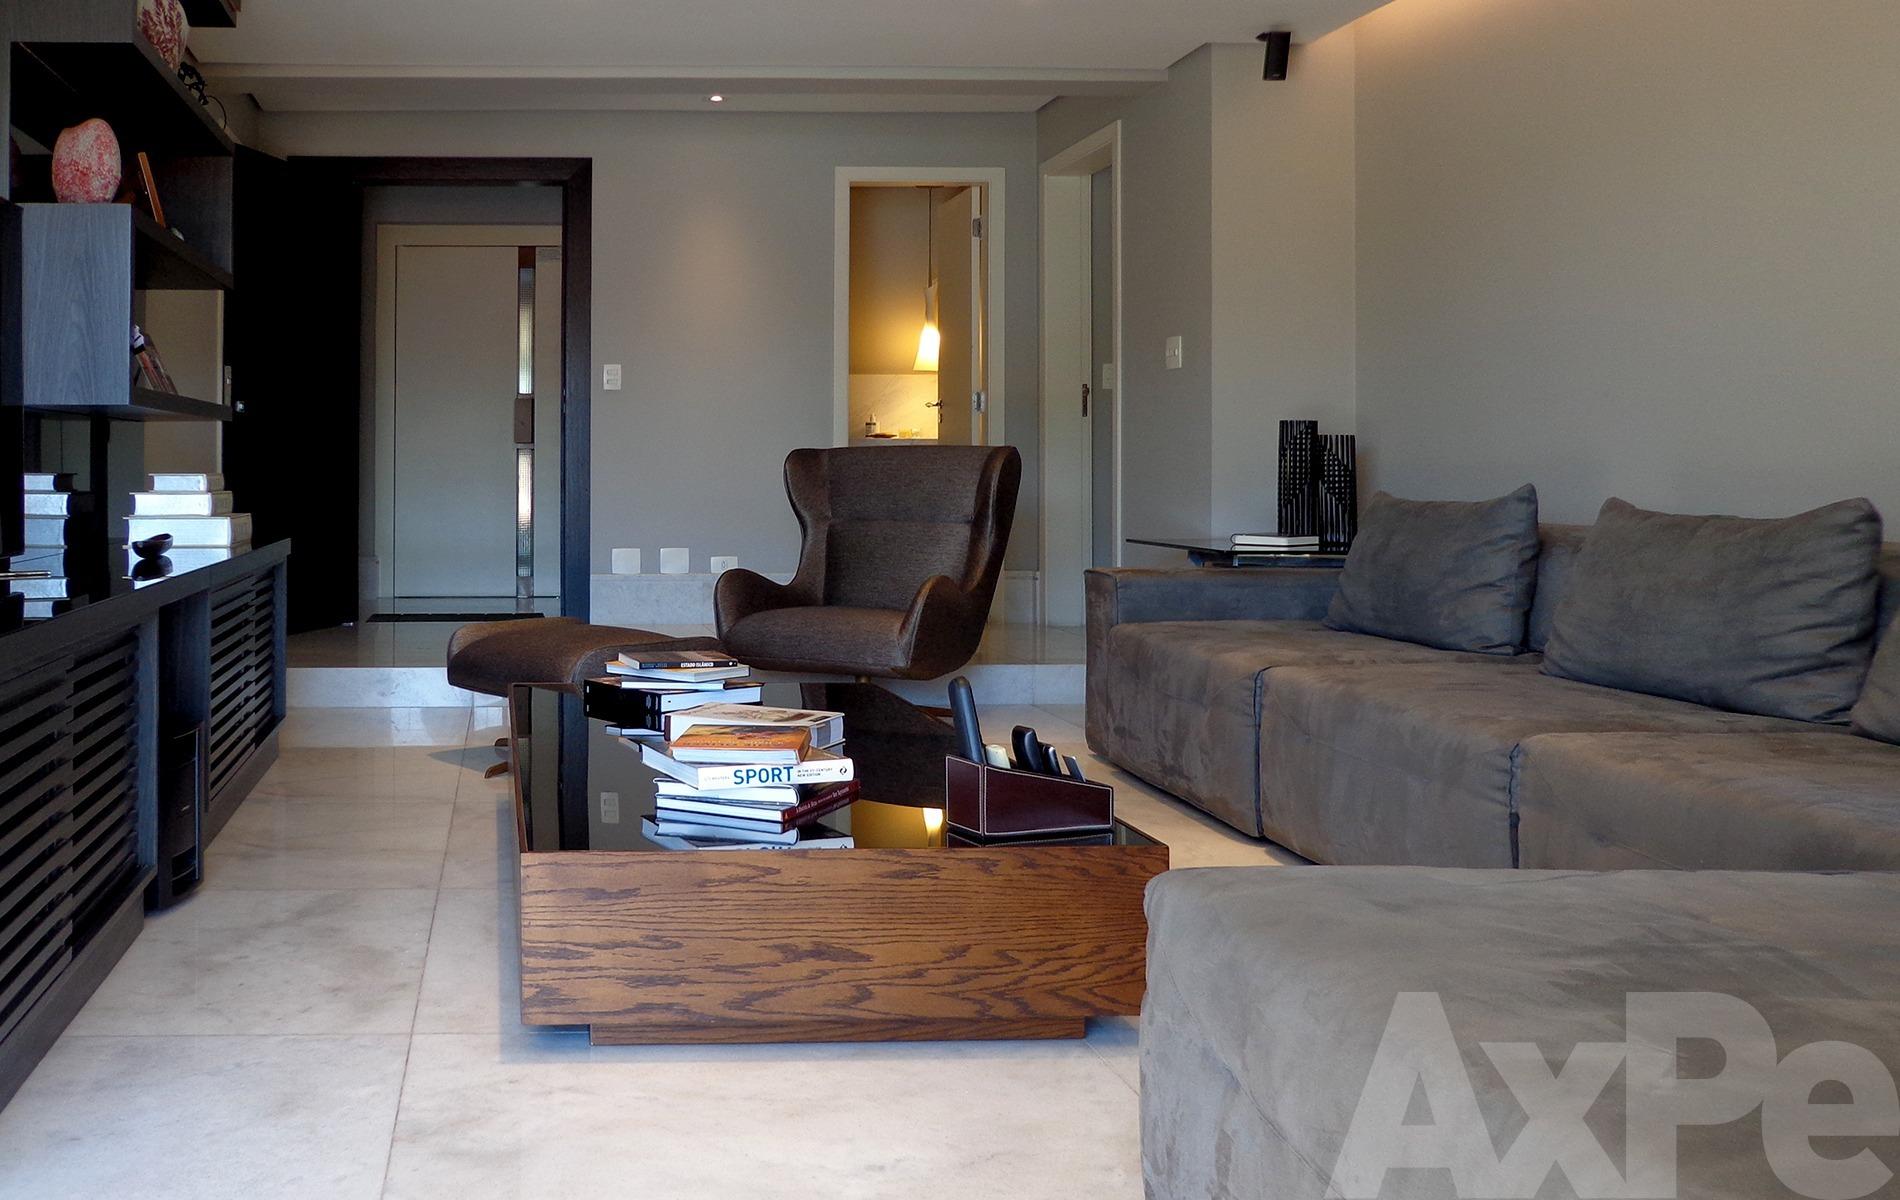 Axpe Apartamento - AX134406